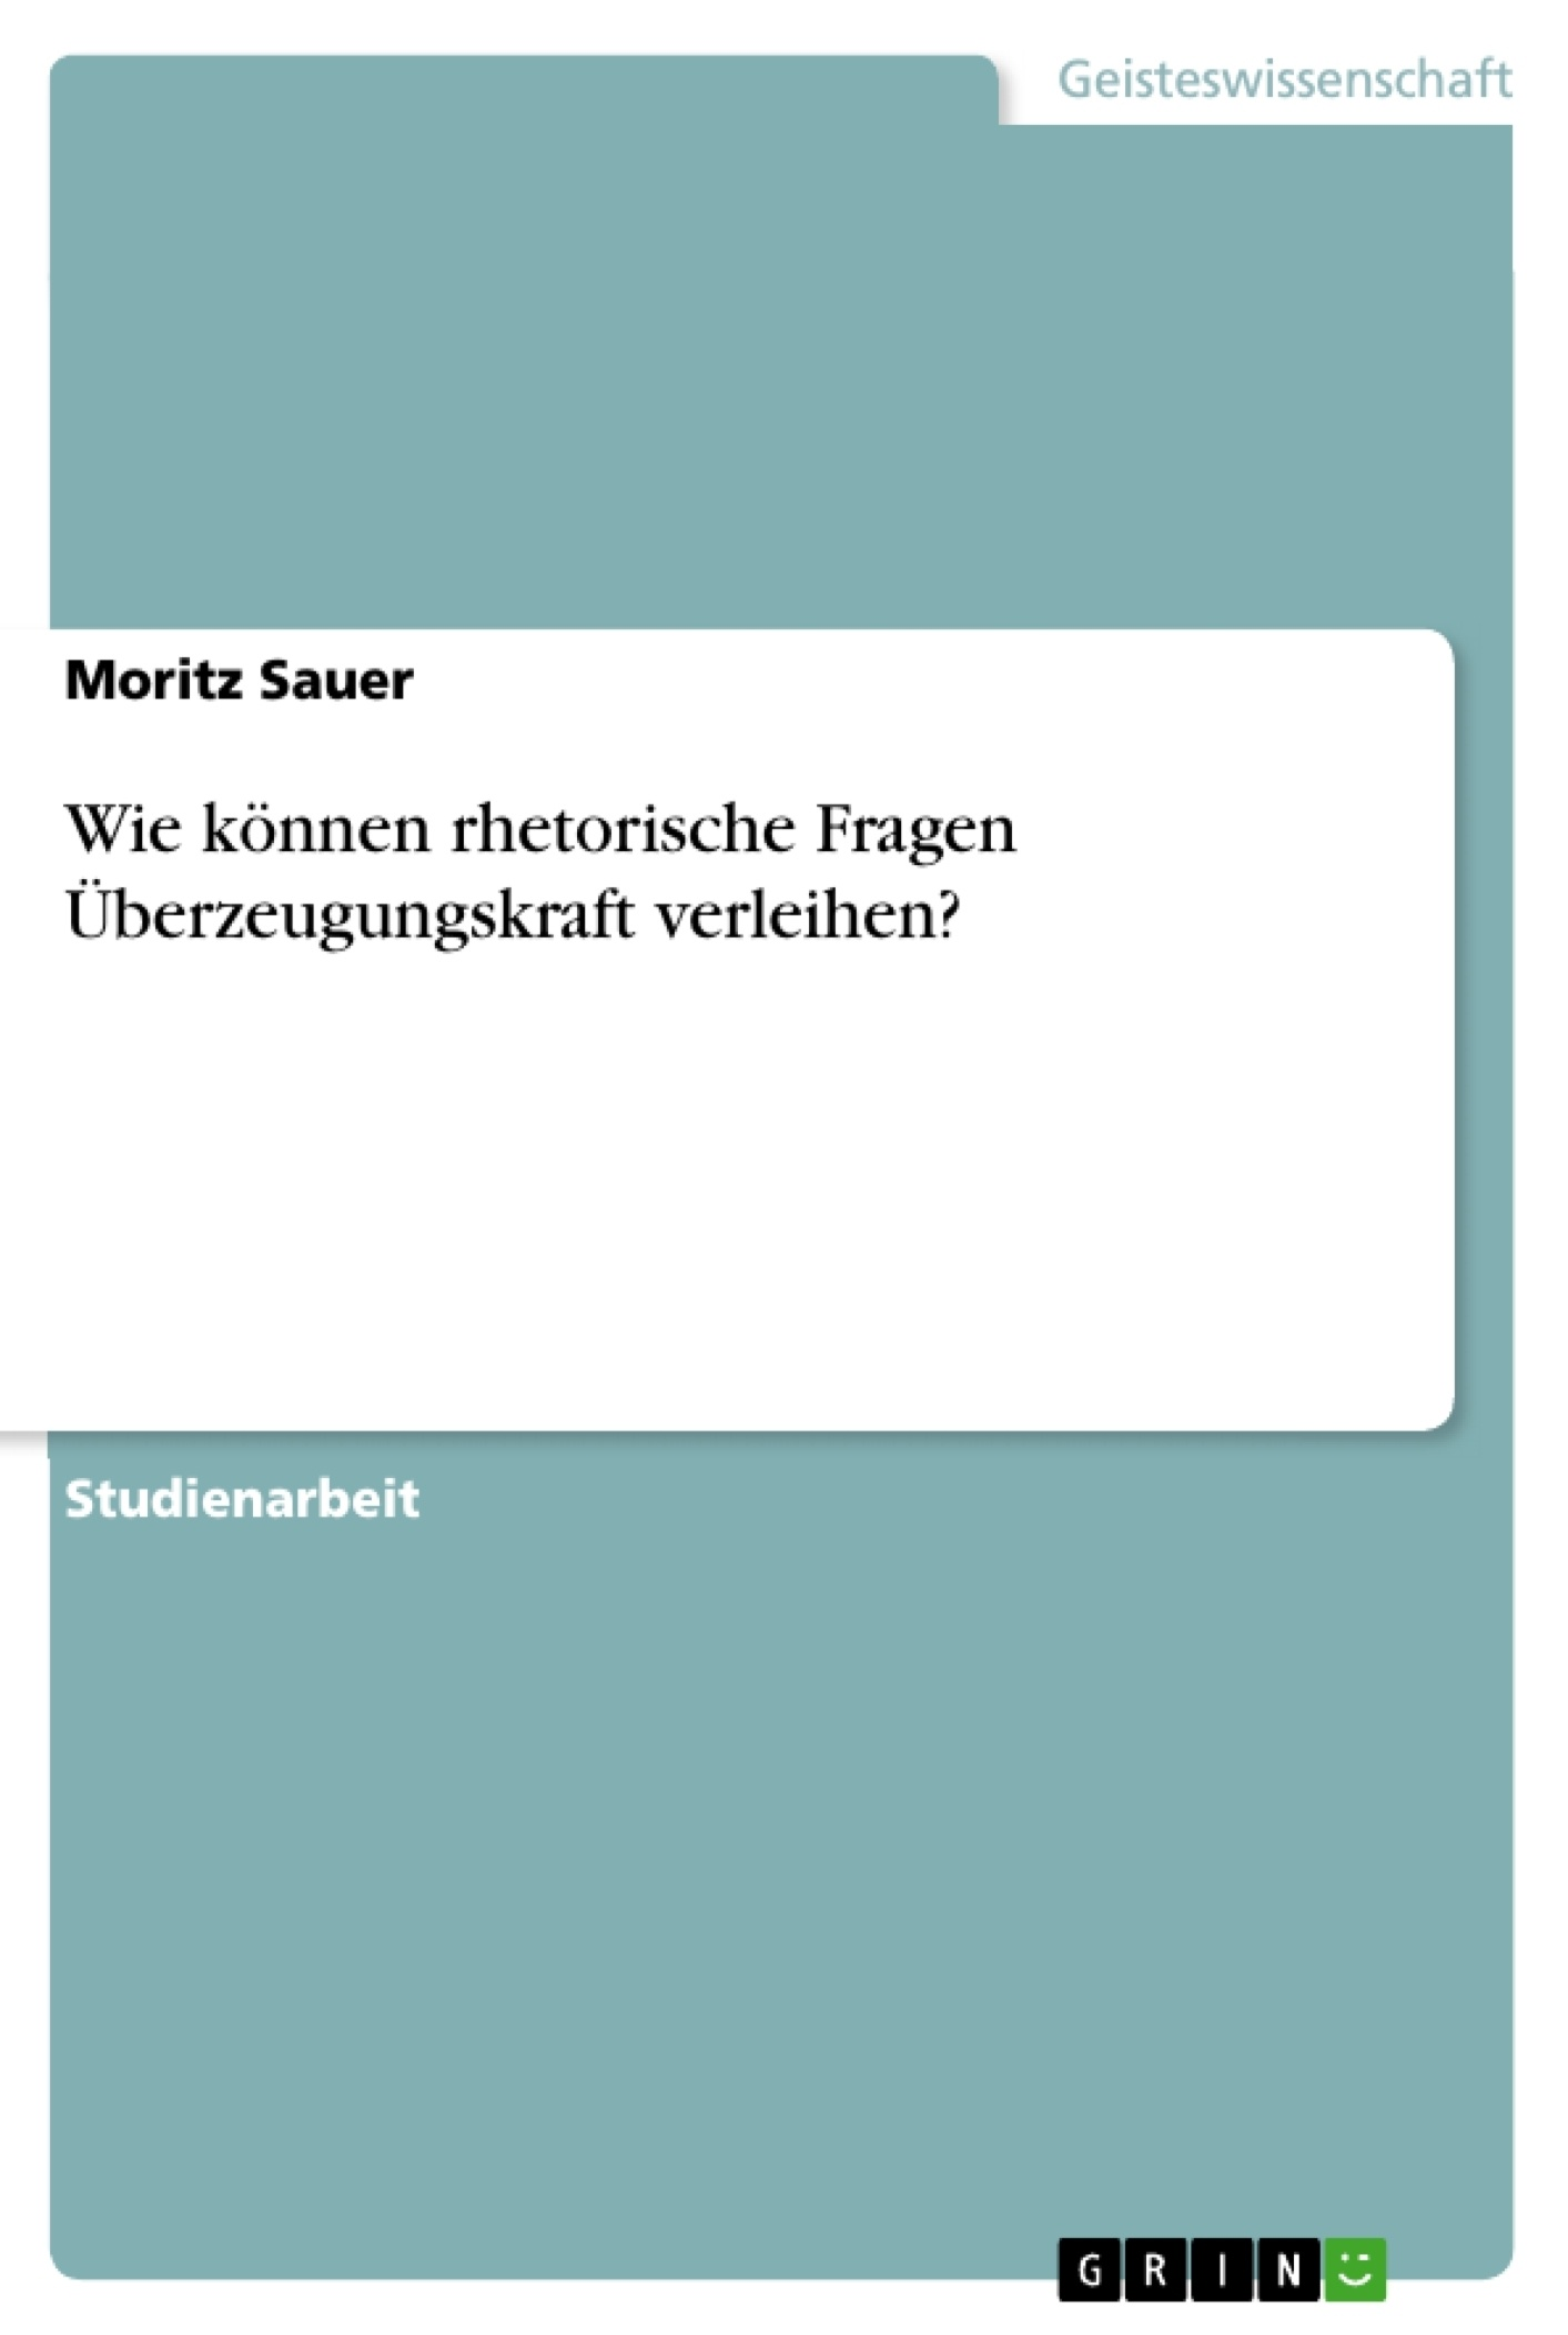 Titel: Wie können rhetorische Fragen Überzeugungskraft verleihen?